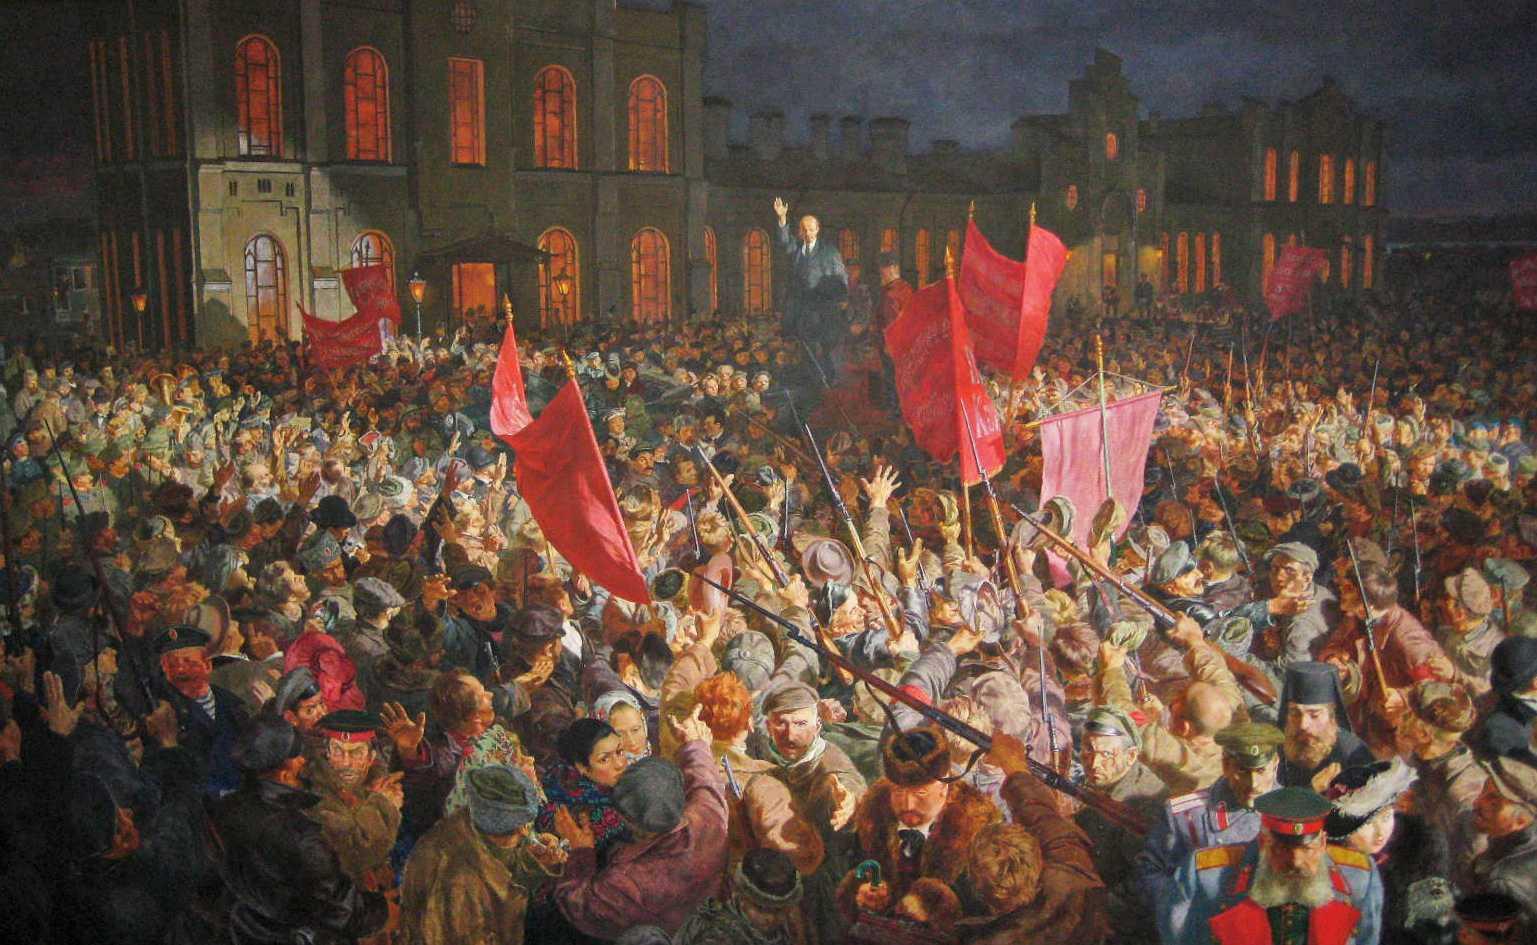 100 DE ANI DE COMUNISM. Si inca numaram&#8230; REVOLUTIA BOLSEVICA DIN 7 NOIEMBRIE 1917 &#8211; REZULTATUL UNUI PLAN OCULT OCCIDENTAL/ <i>&#8220;Lenin e mort, dar leninismul traiește&#8221;</i>. IDEOLOGIA TERORII REVOLUTIONARE, A LUPTEI DE CLASA &#8220;PROGRESISTE&#8221; SI A URII FATA DE BISERICA REVINE IN FORTA: <i>&#8220;Prin faptele petrecute în timpul prigoanei comuniste se prevestește o viitoare prigoană&#8221;</i>